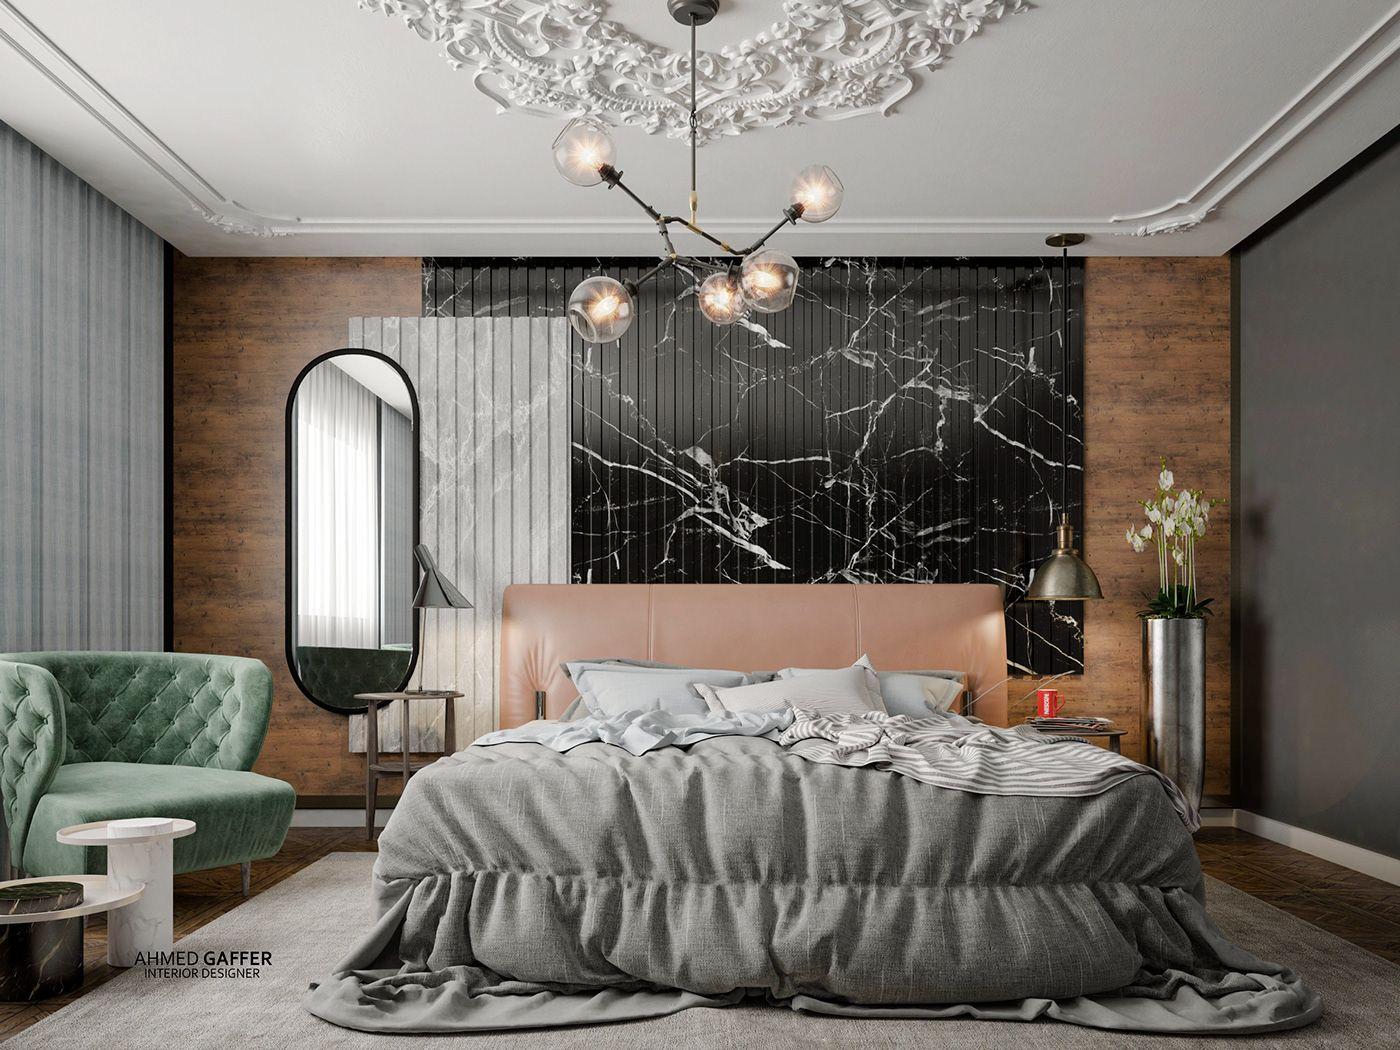 Master Bedroom Interior Design On Behance Master Bedroom Interior Design Master Bedroom Interior Luxury Master Bedroom Design Interior design bedroom images